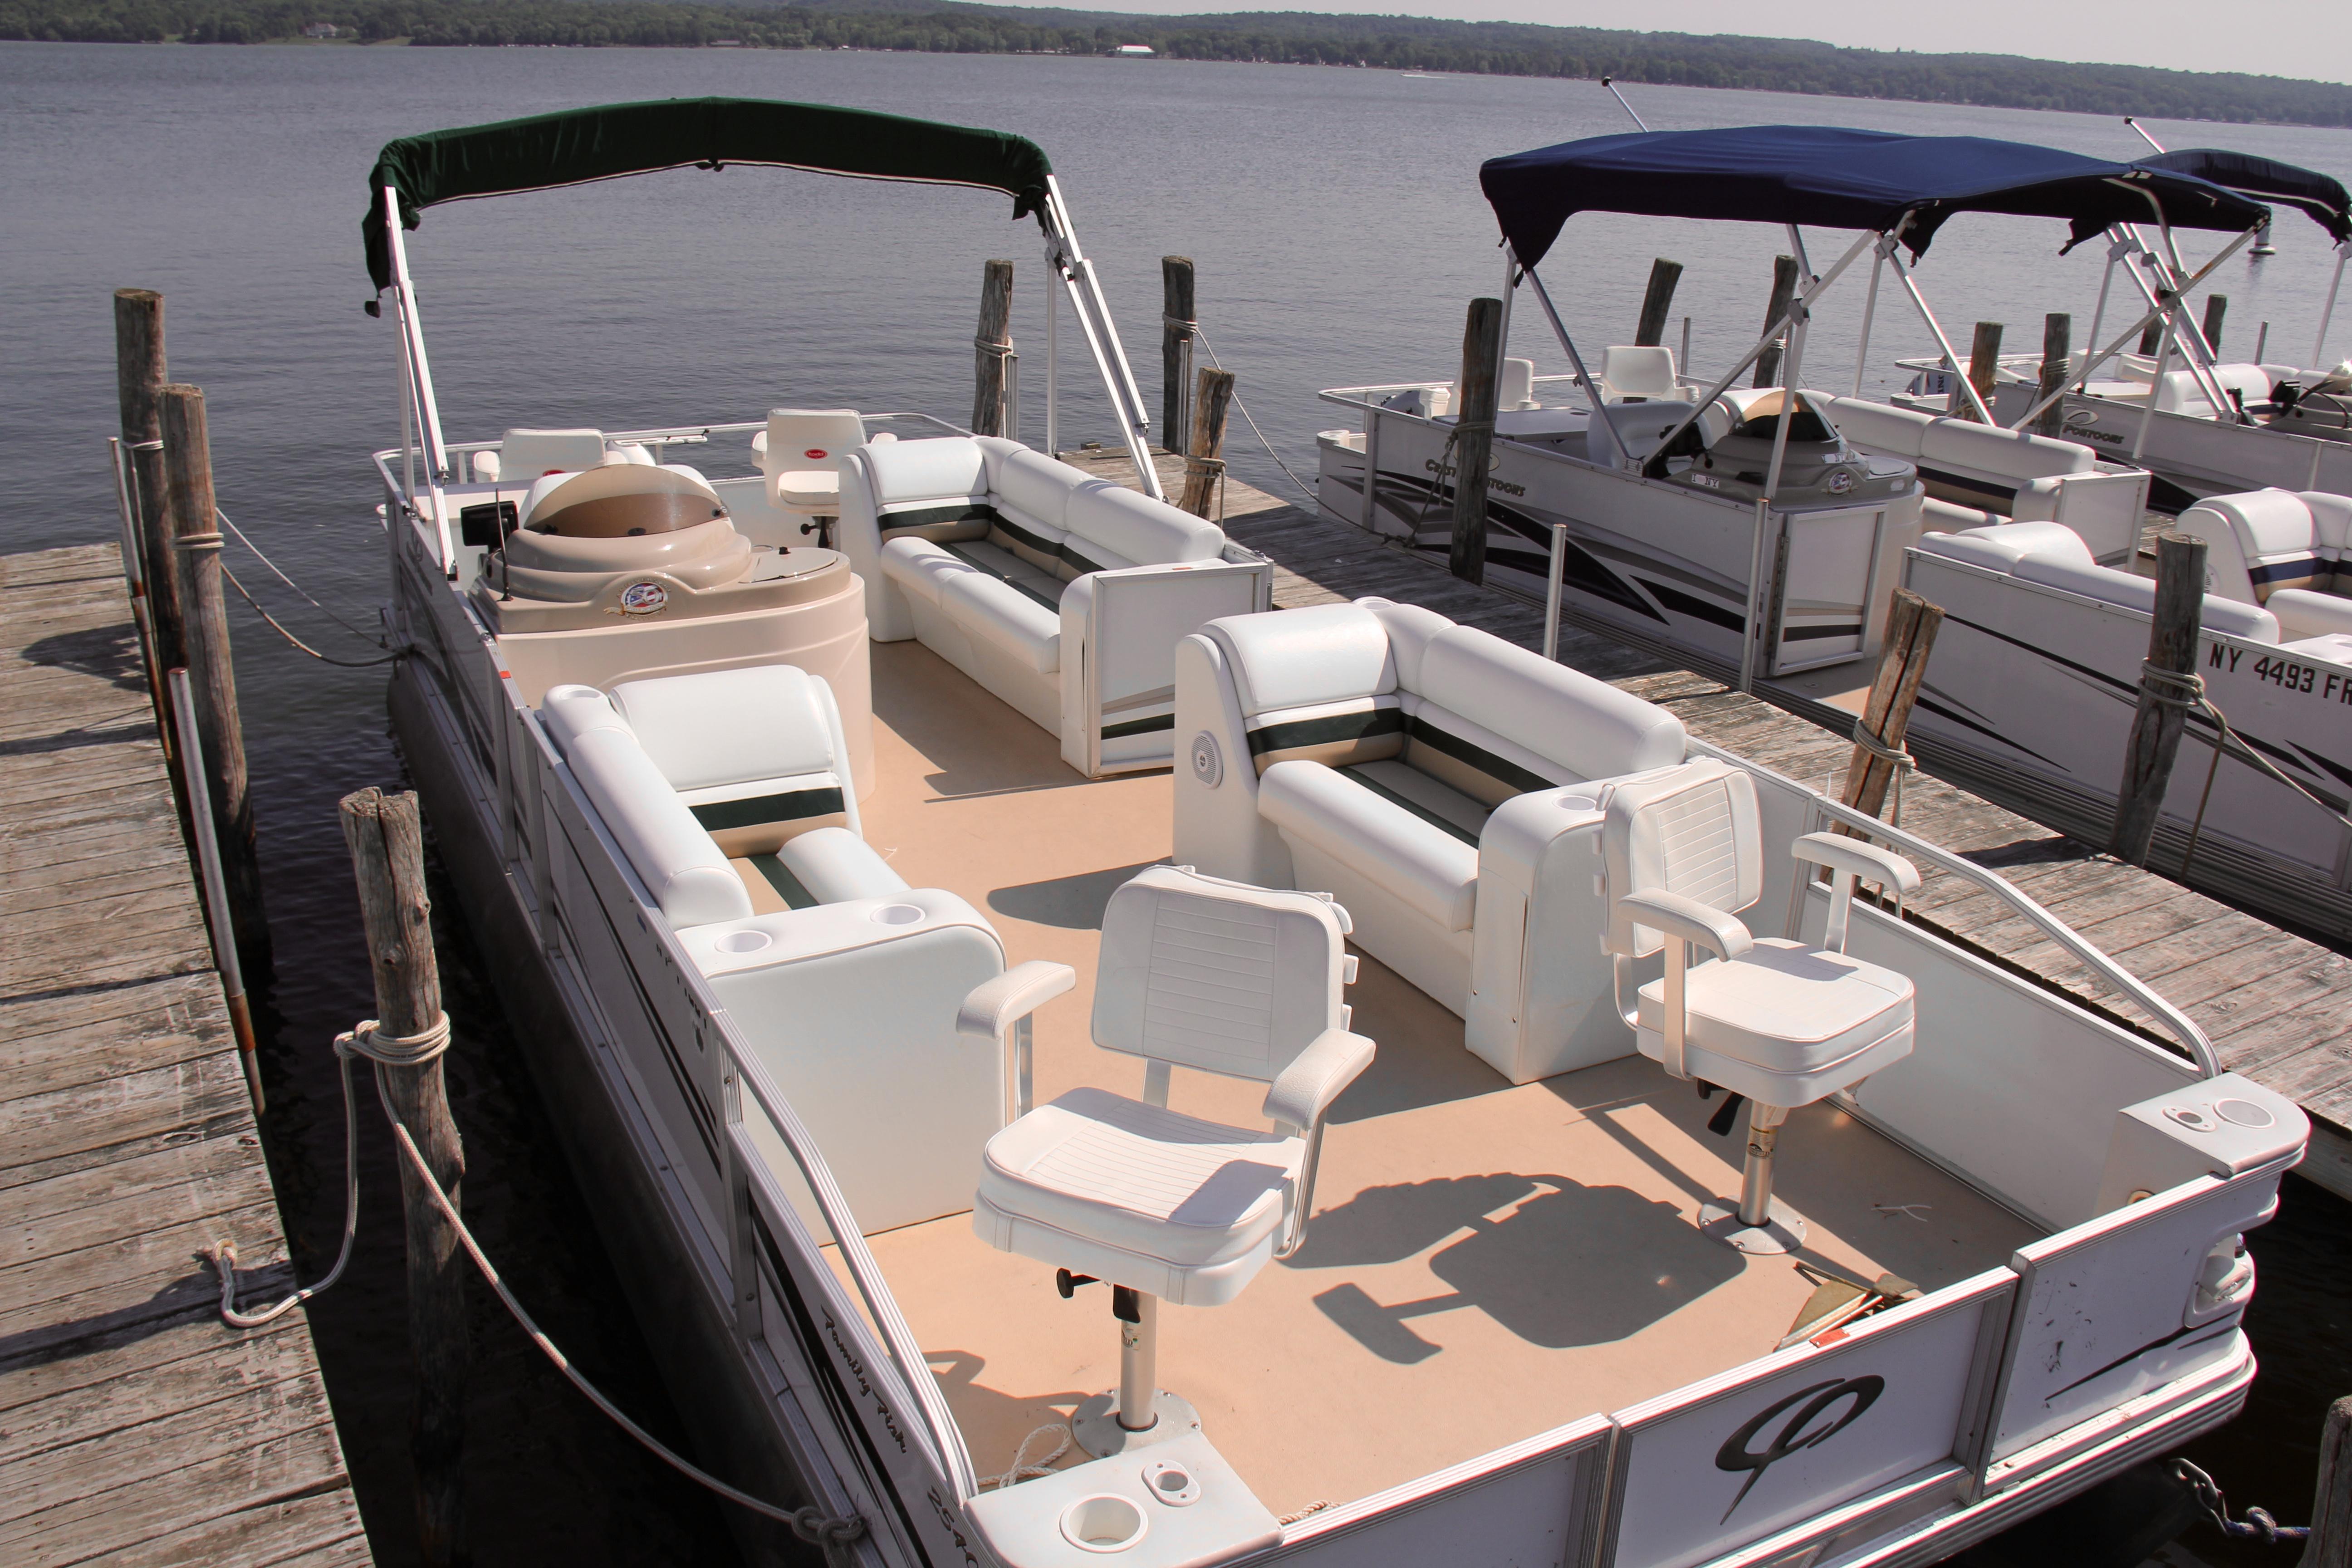 Pontoon boats with bathroom for sale - Pontoon Boats With Bathroom For Sale 49